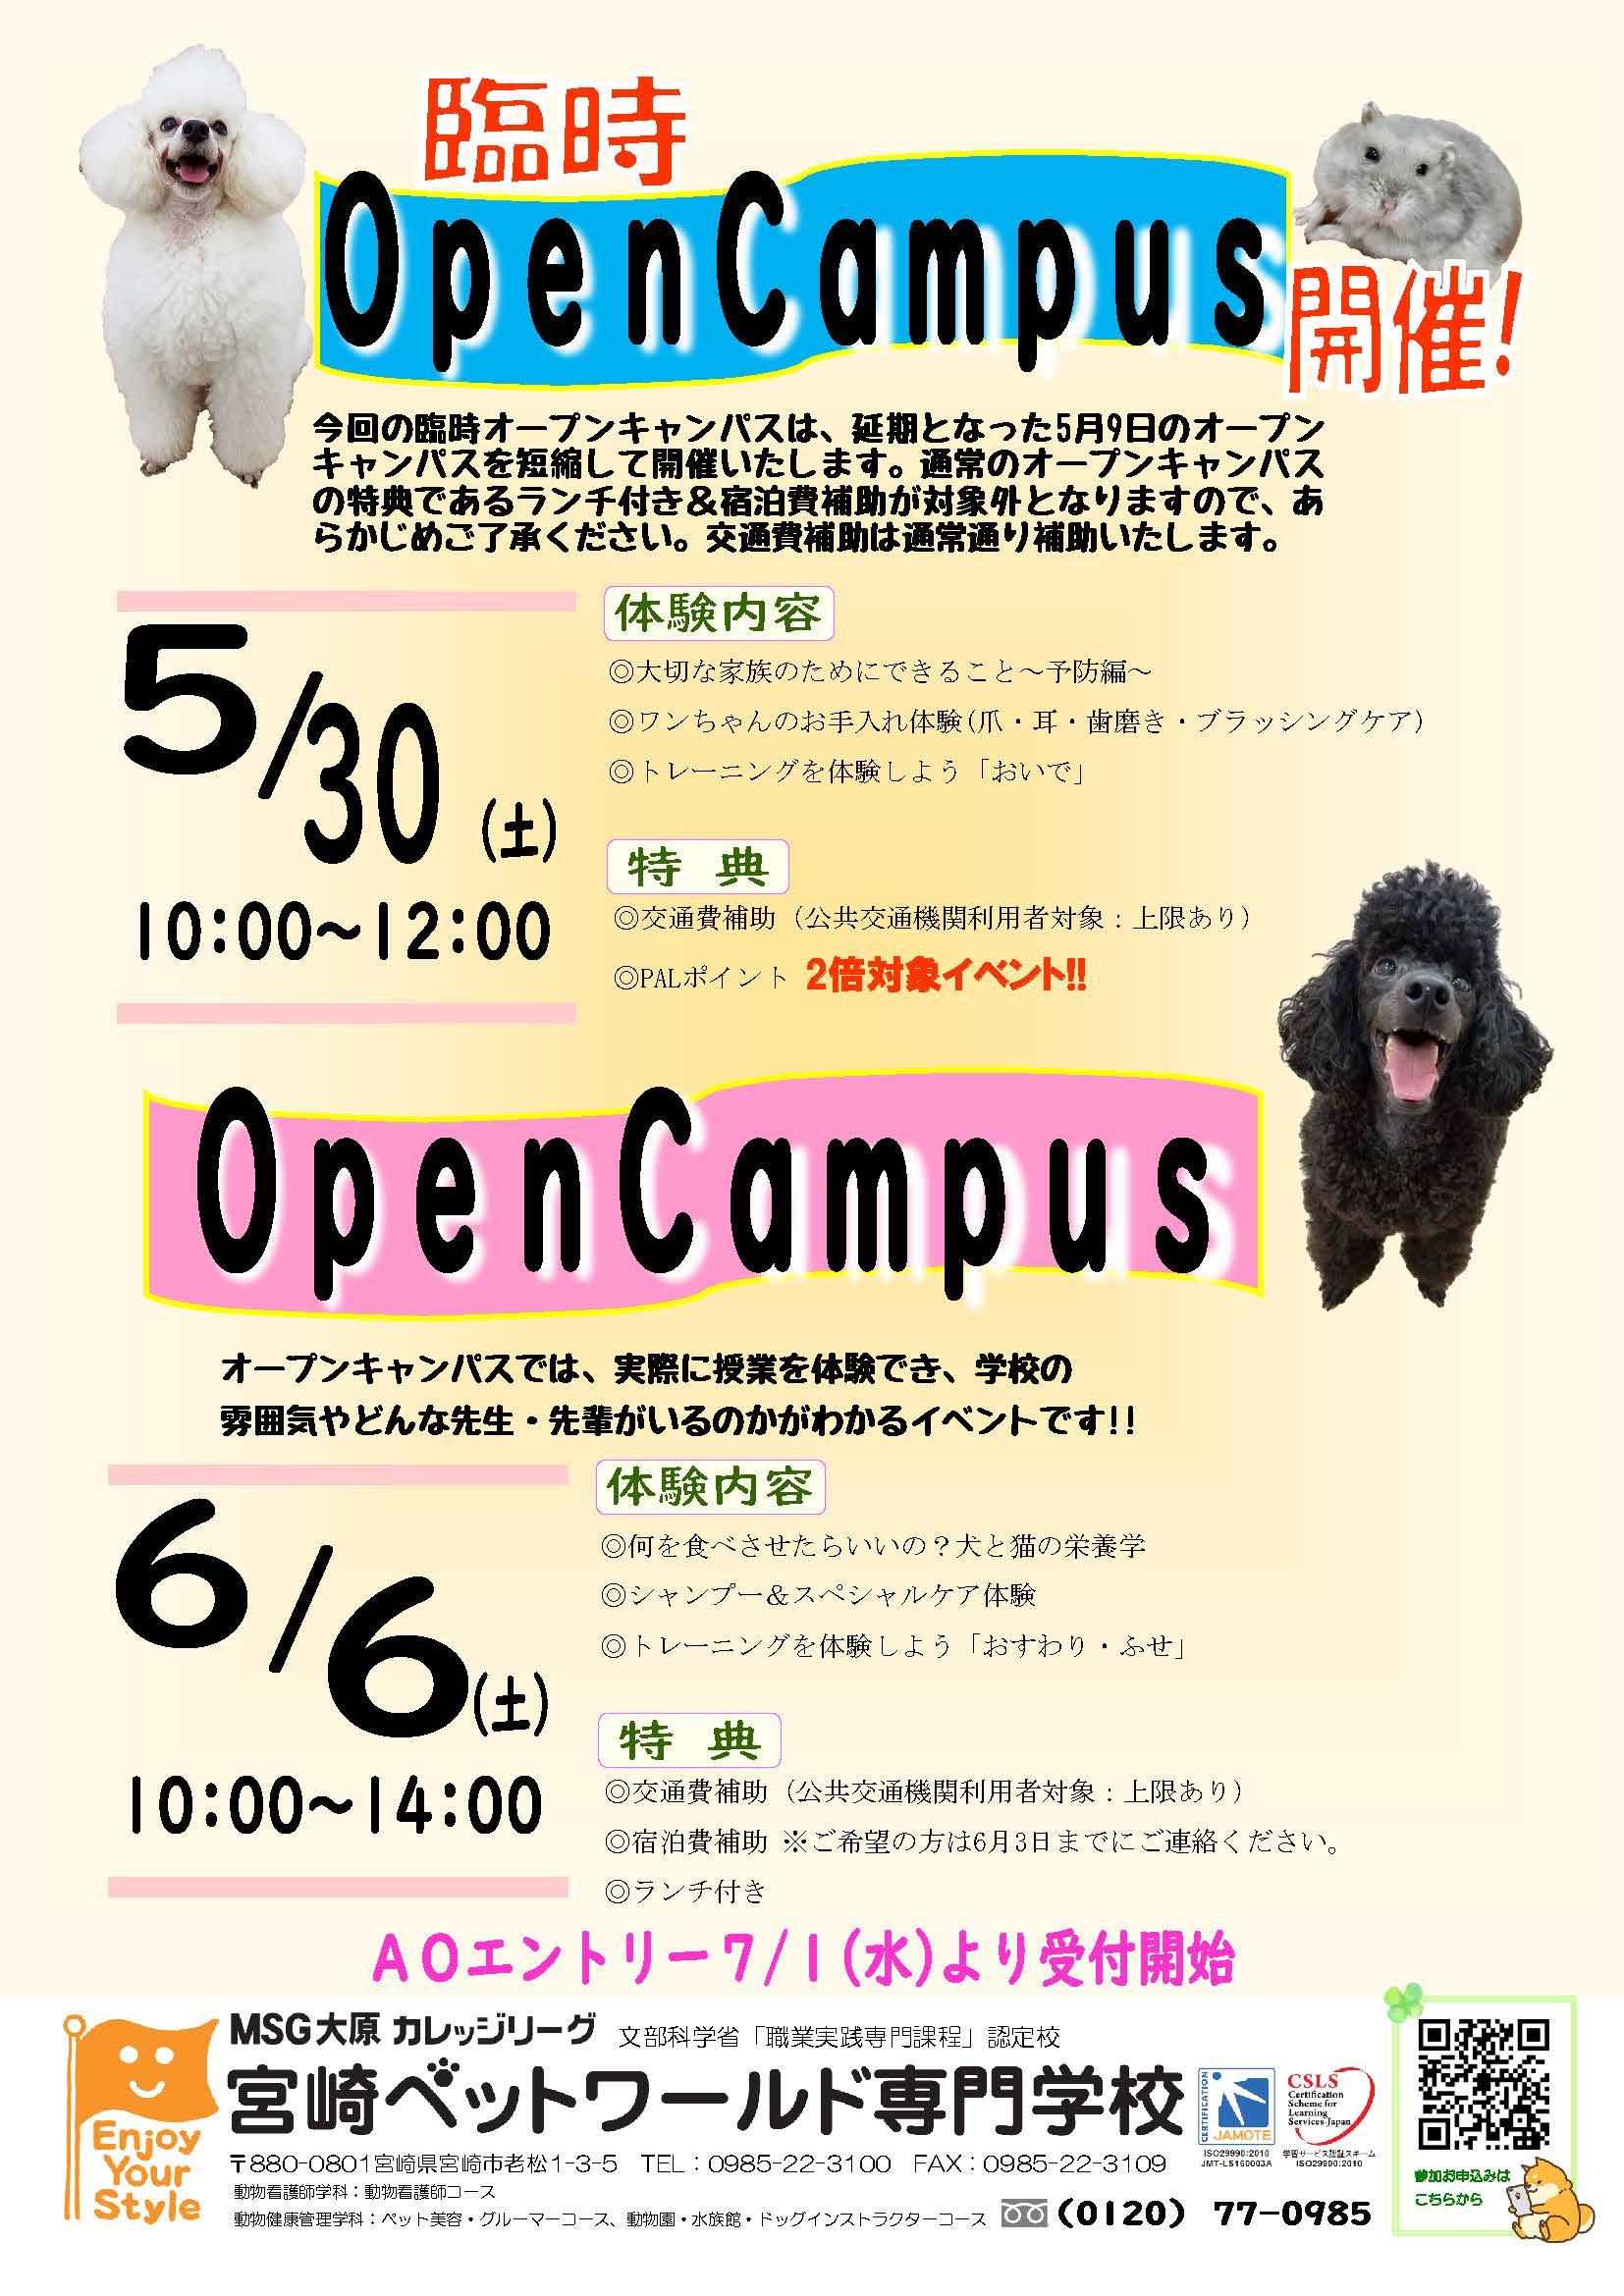 5月30日(土)臨時オープンキャンパスを開催します